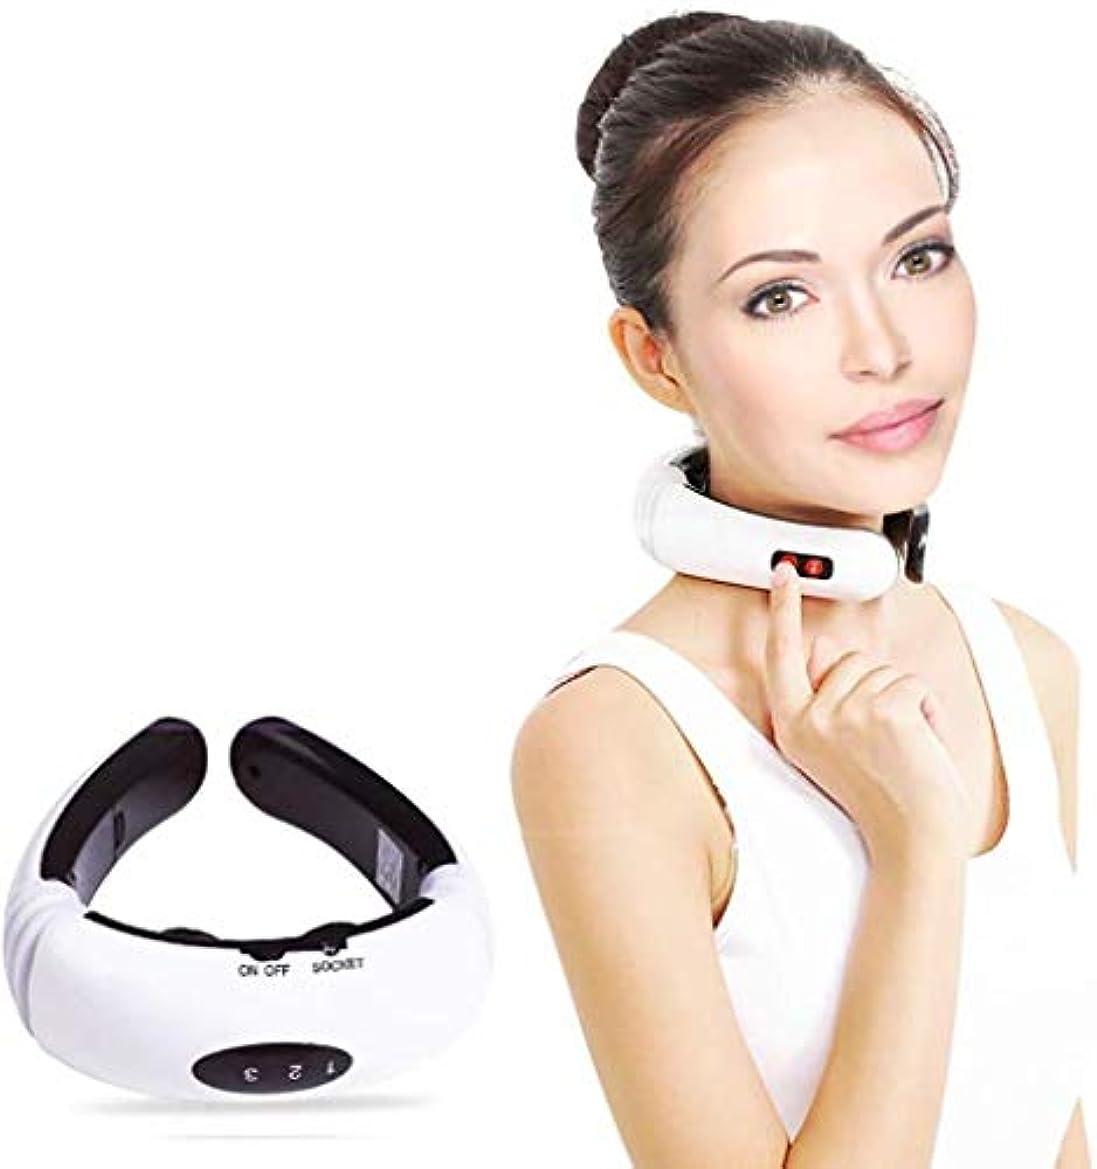 全く接続された批判的に子宮頸マッサージ器、電気パルス戻る/ネックマッサージャー、遠赤外線暖房は、/痛みを和らげる血液循環、多機能ケアツールを推進し、ストレスを緩和し、疲労を和らげます